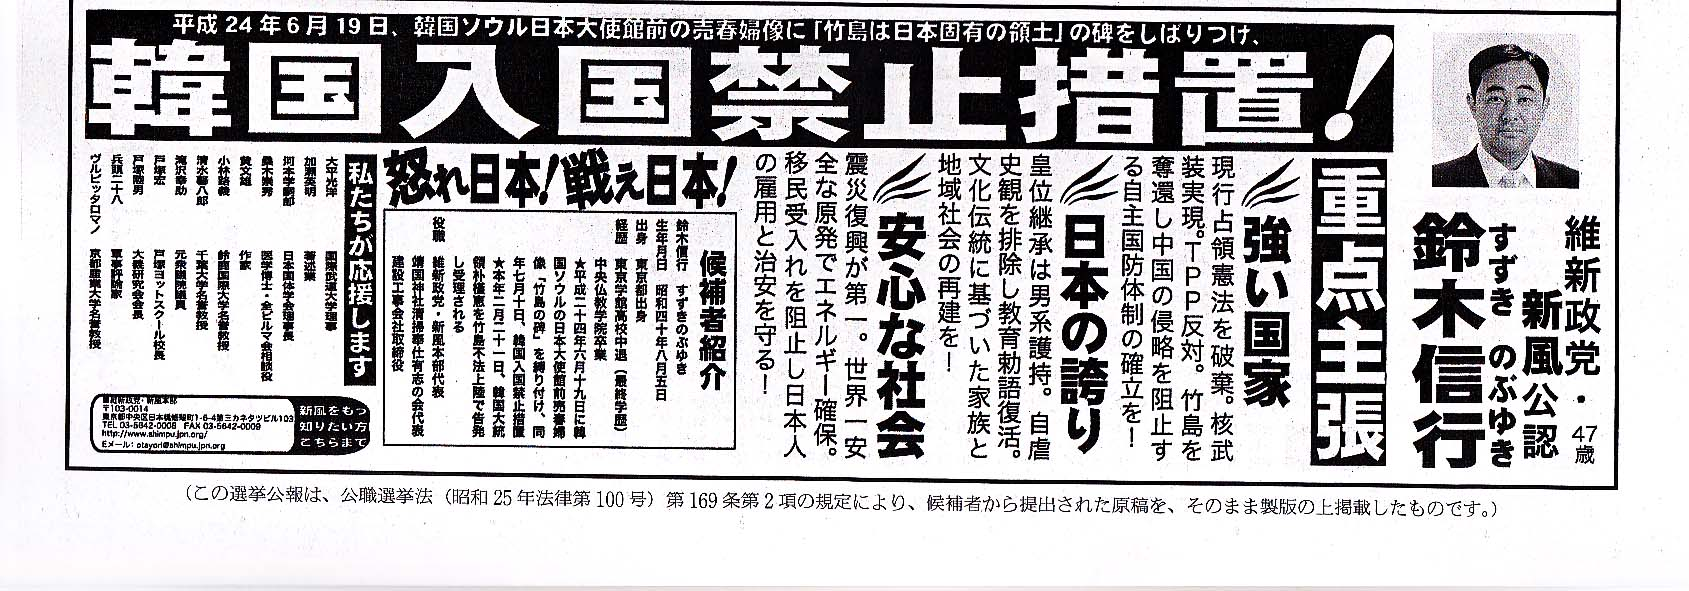 SuzukiNobuyuki2013election